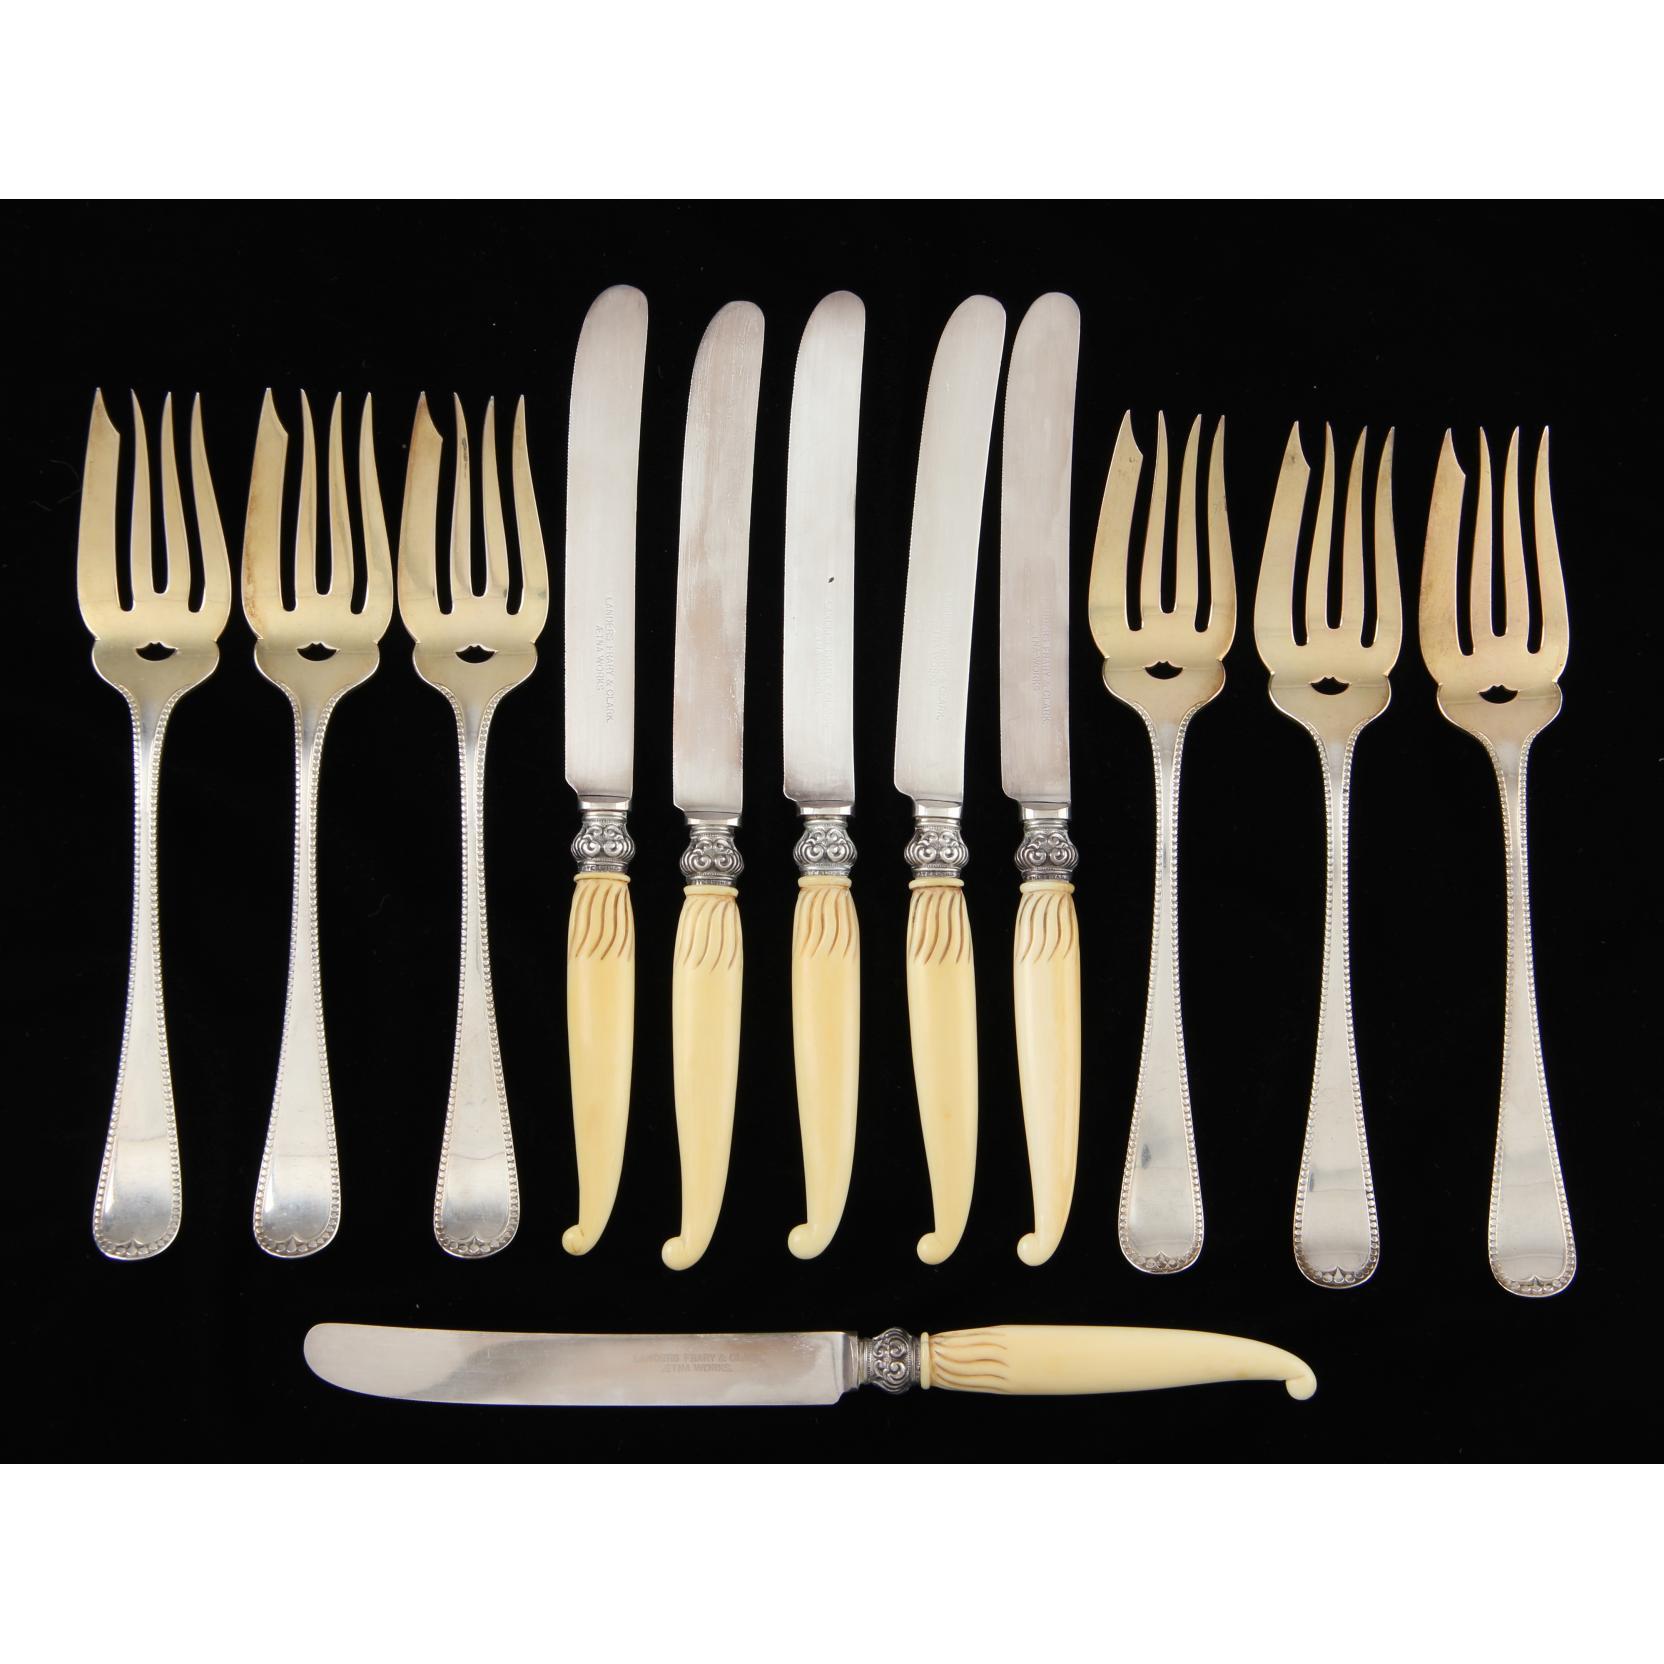 sterling-silverplate-flatware